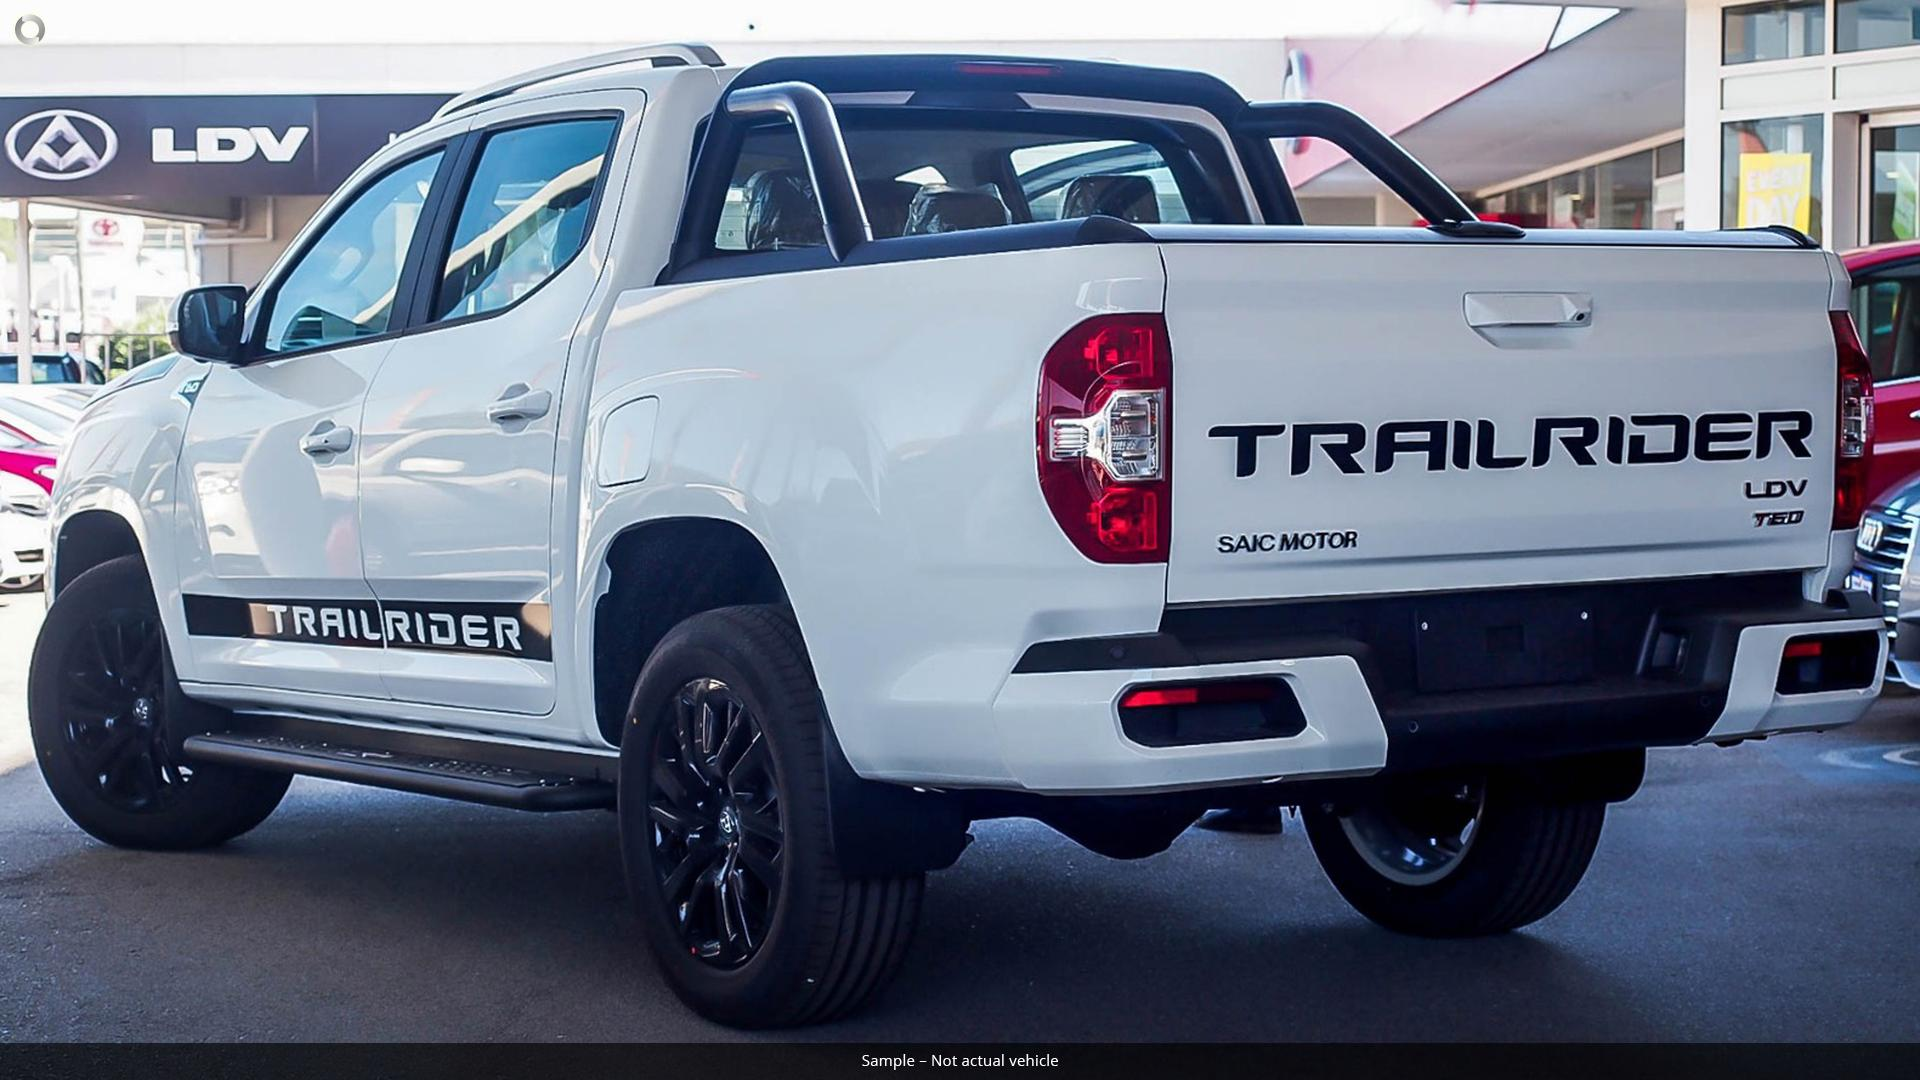 2019 Ldv T60 Trailrider SK8C